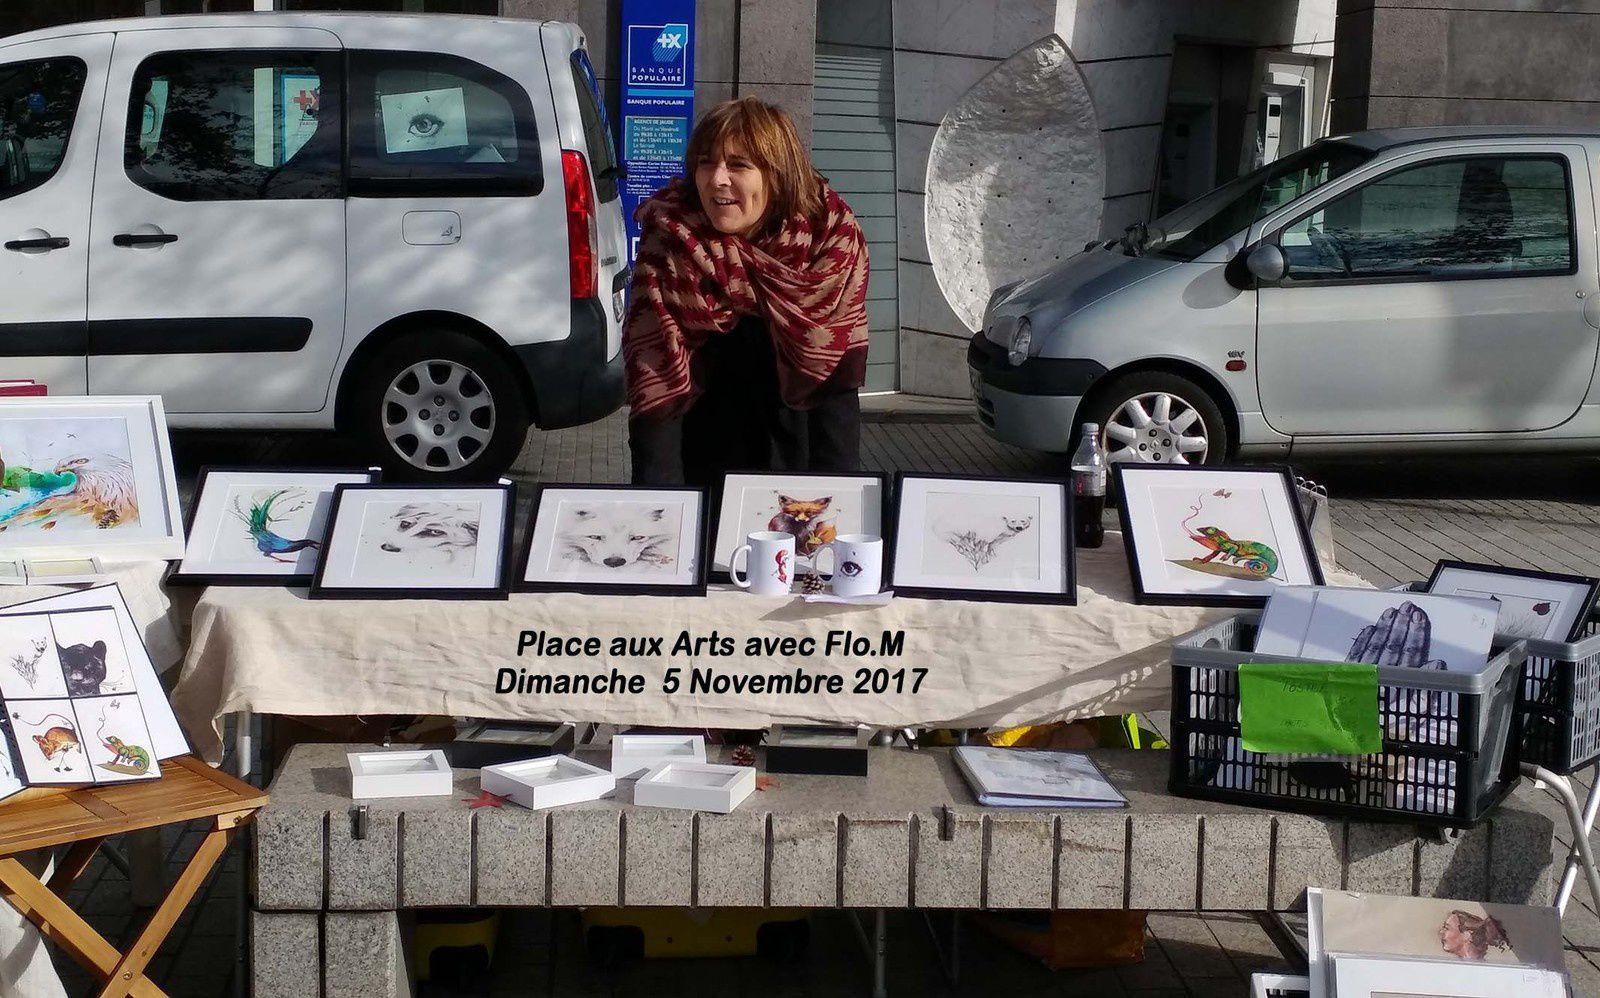 place aux arts-exposition-clermont ferrand-dessin stylo bille-flom